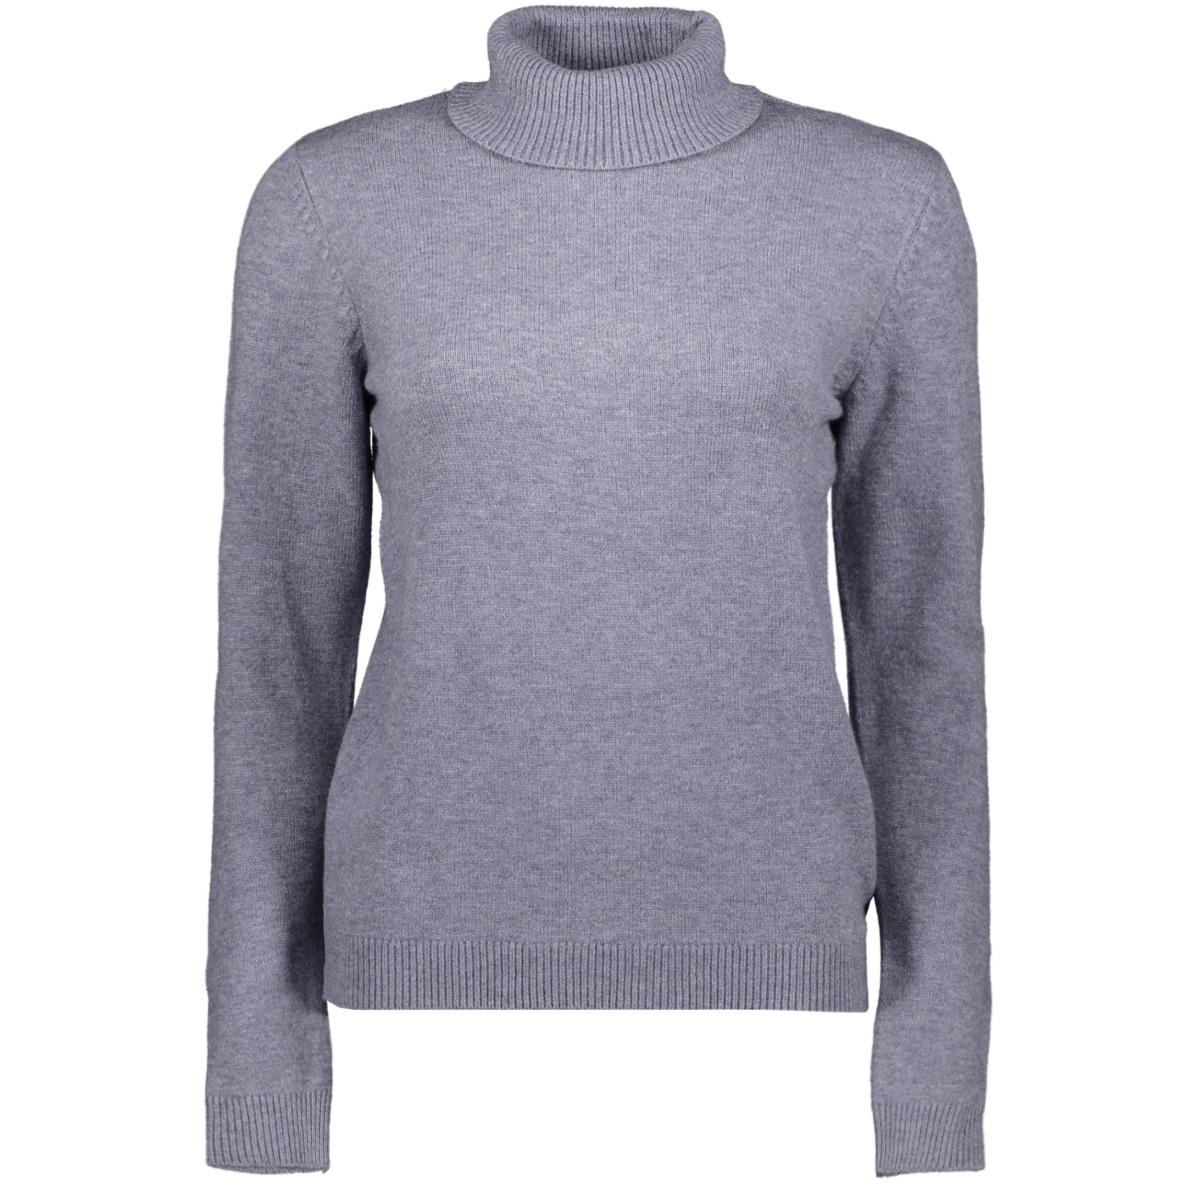 jdymarco l/s rollneck pullover knt 15189025 jacqueline de yong trui sky captain/melange